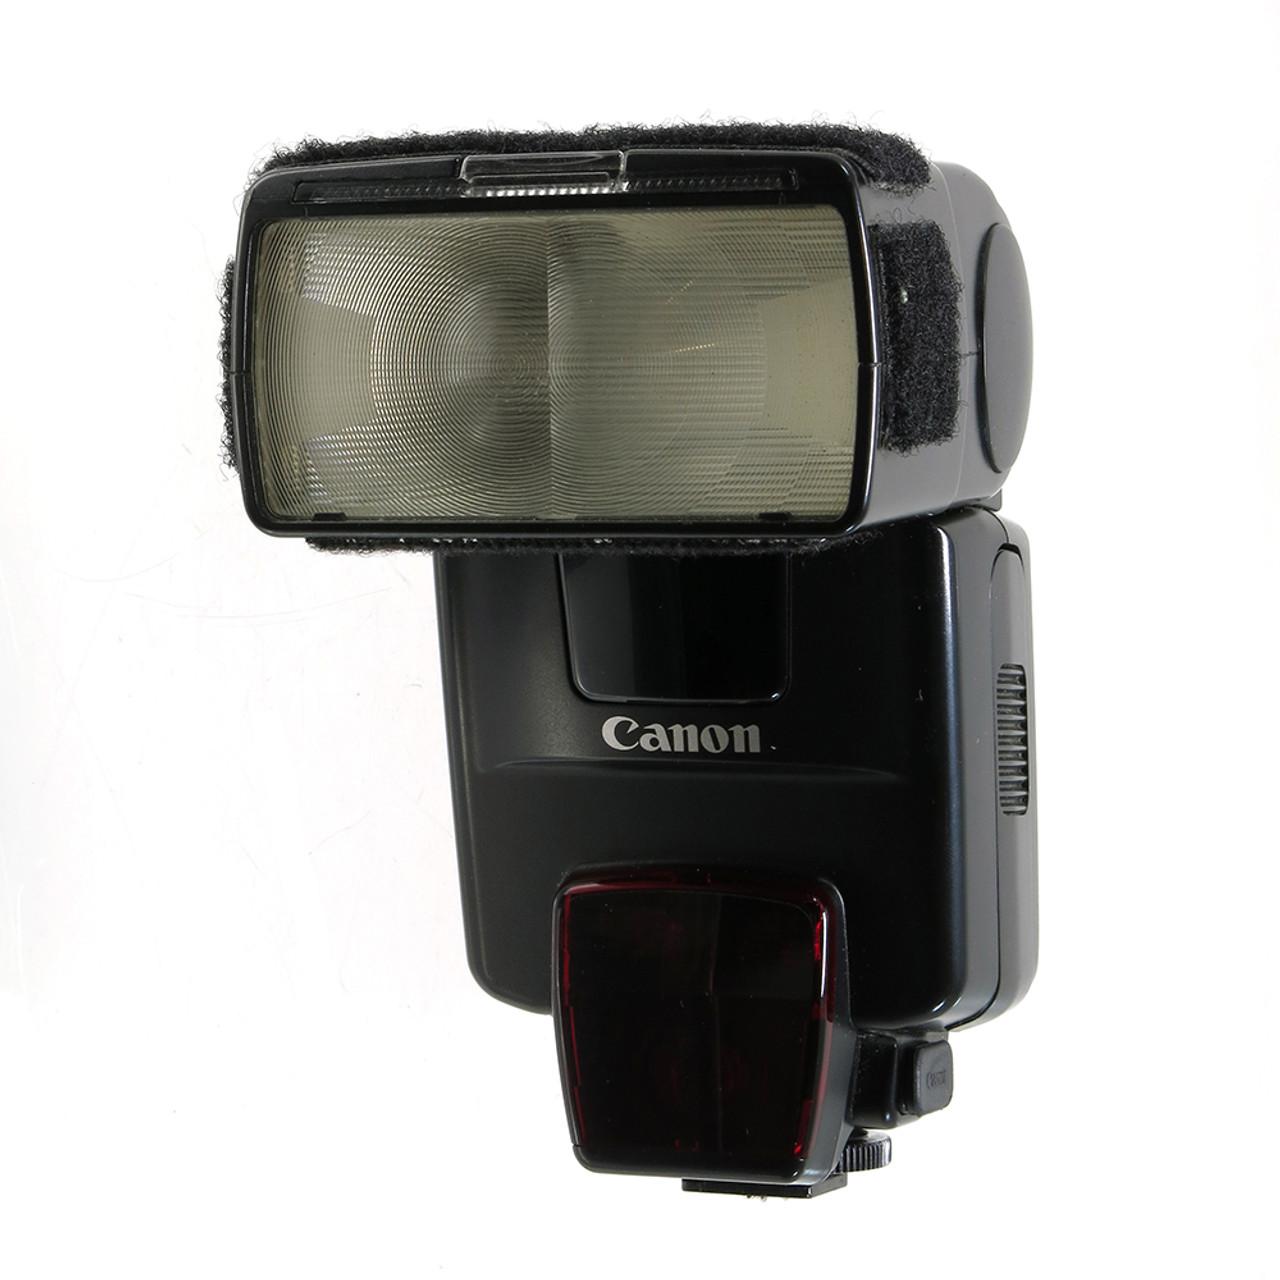 USED CANON 550EX FLASH